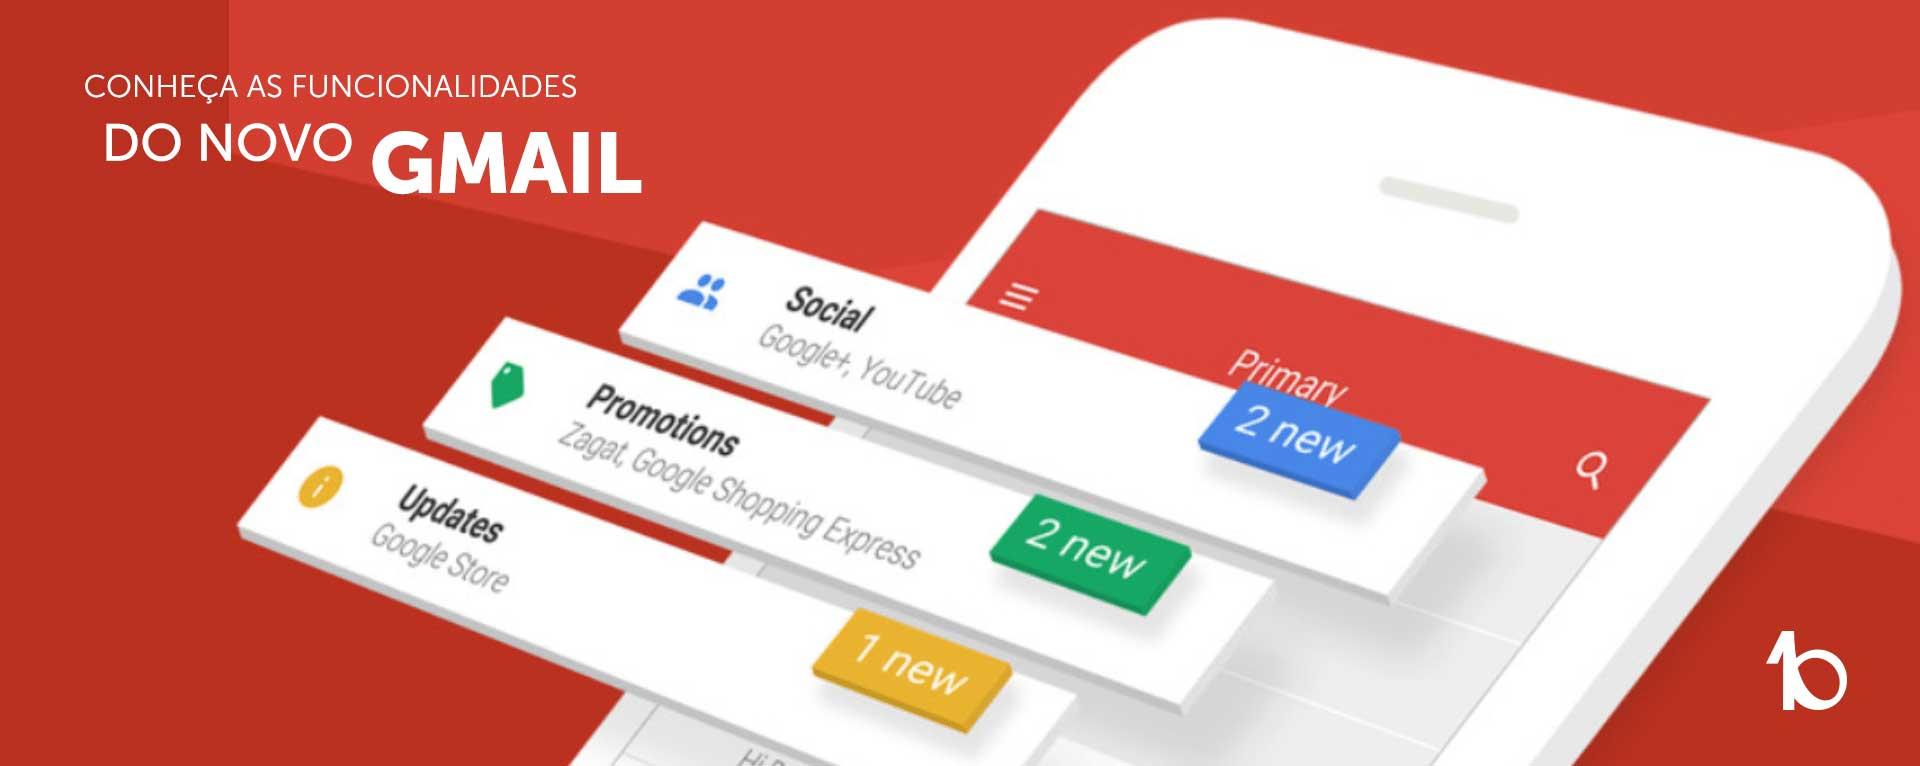 Novo Gmail: mais facilidades na sua caixa de entrada